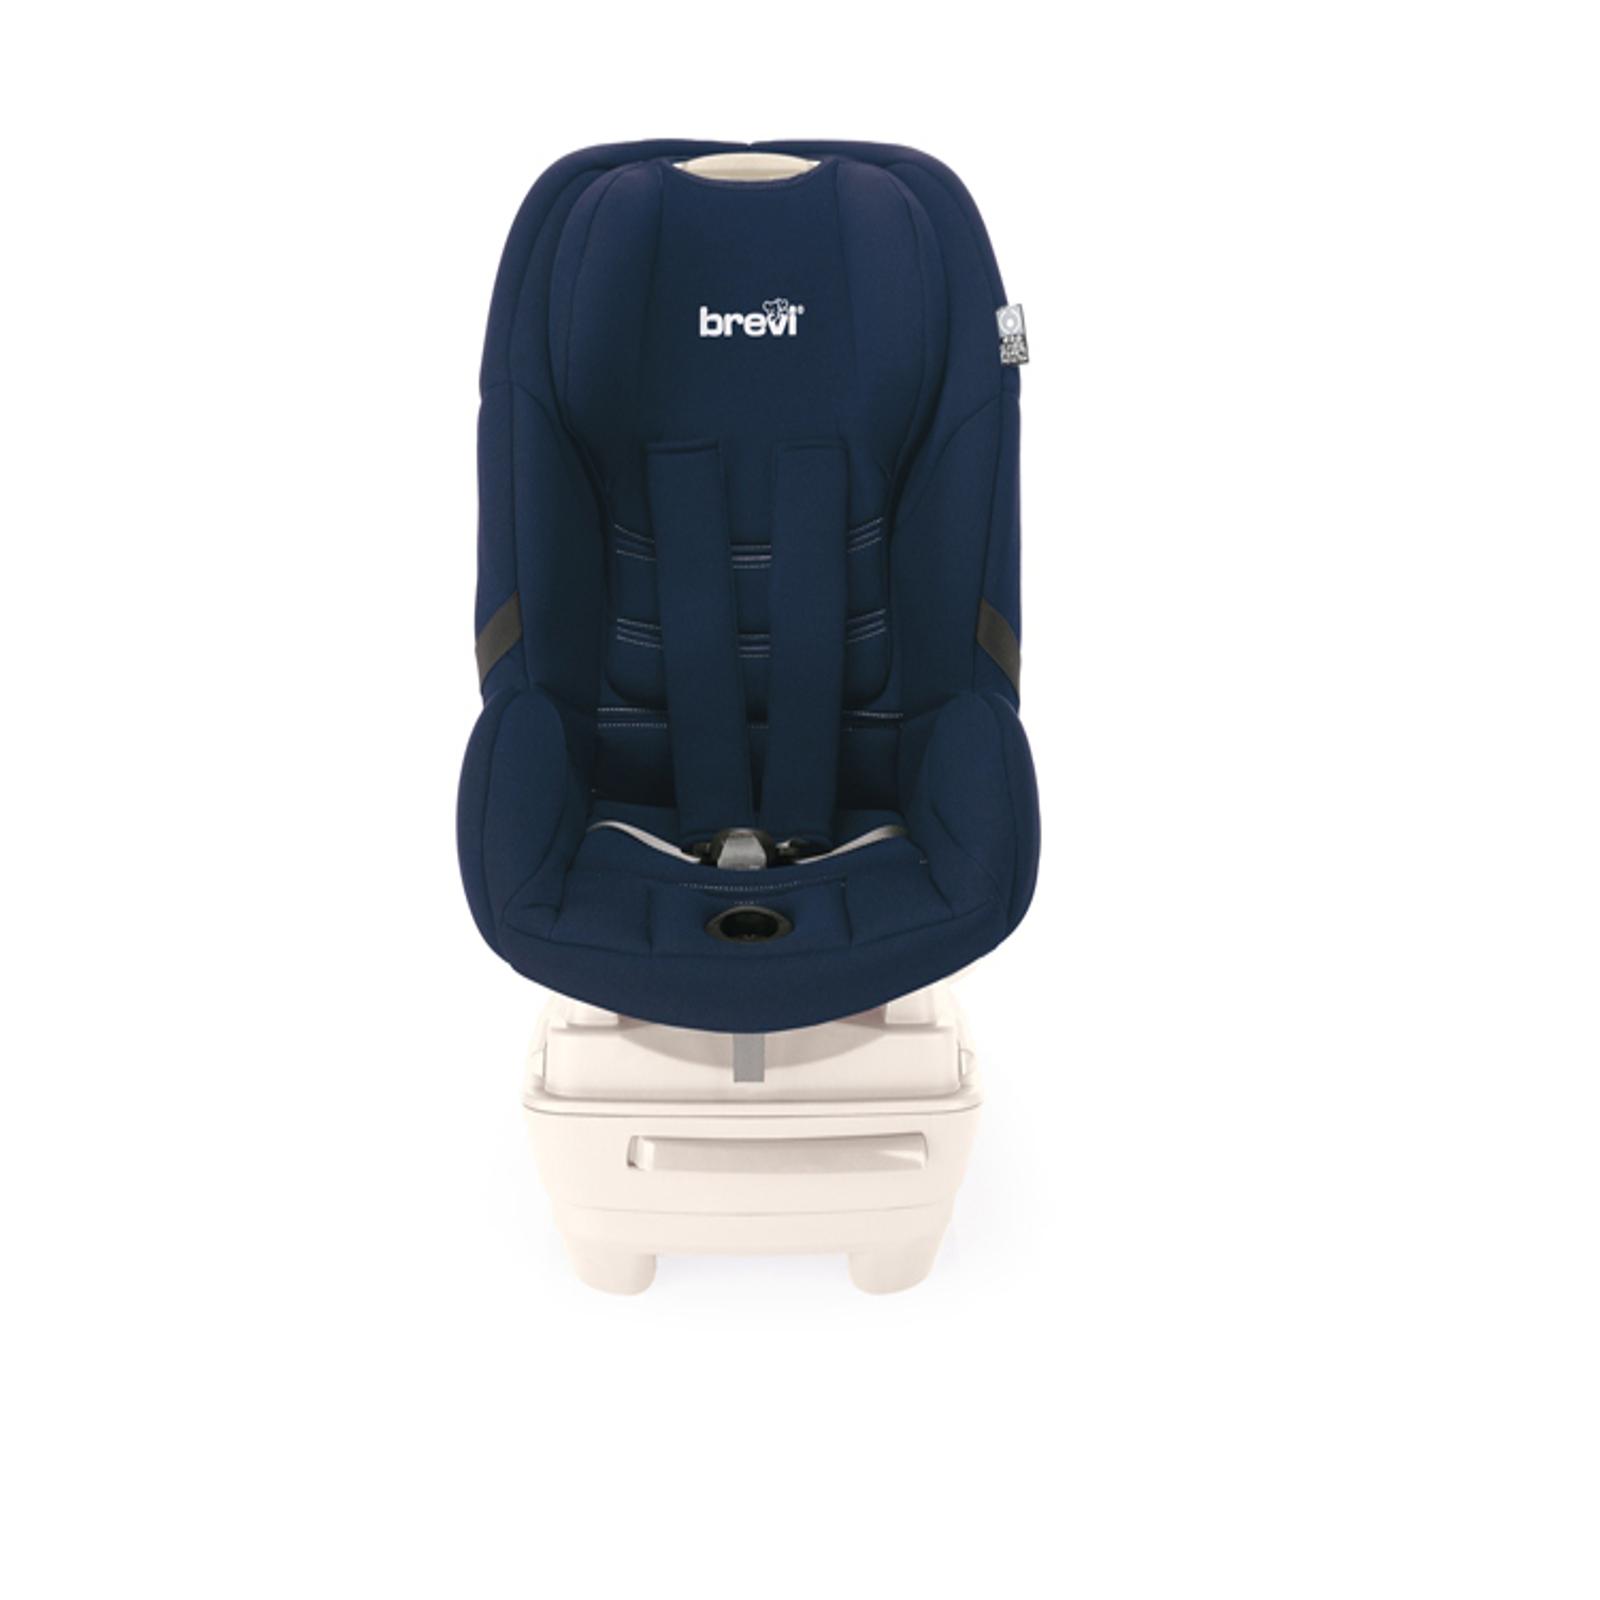 ���������� Brevi Kio-S ����� 239